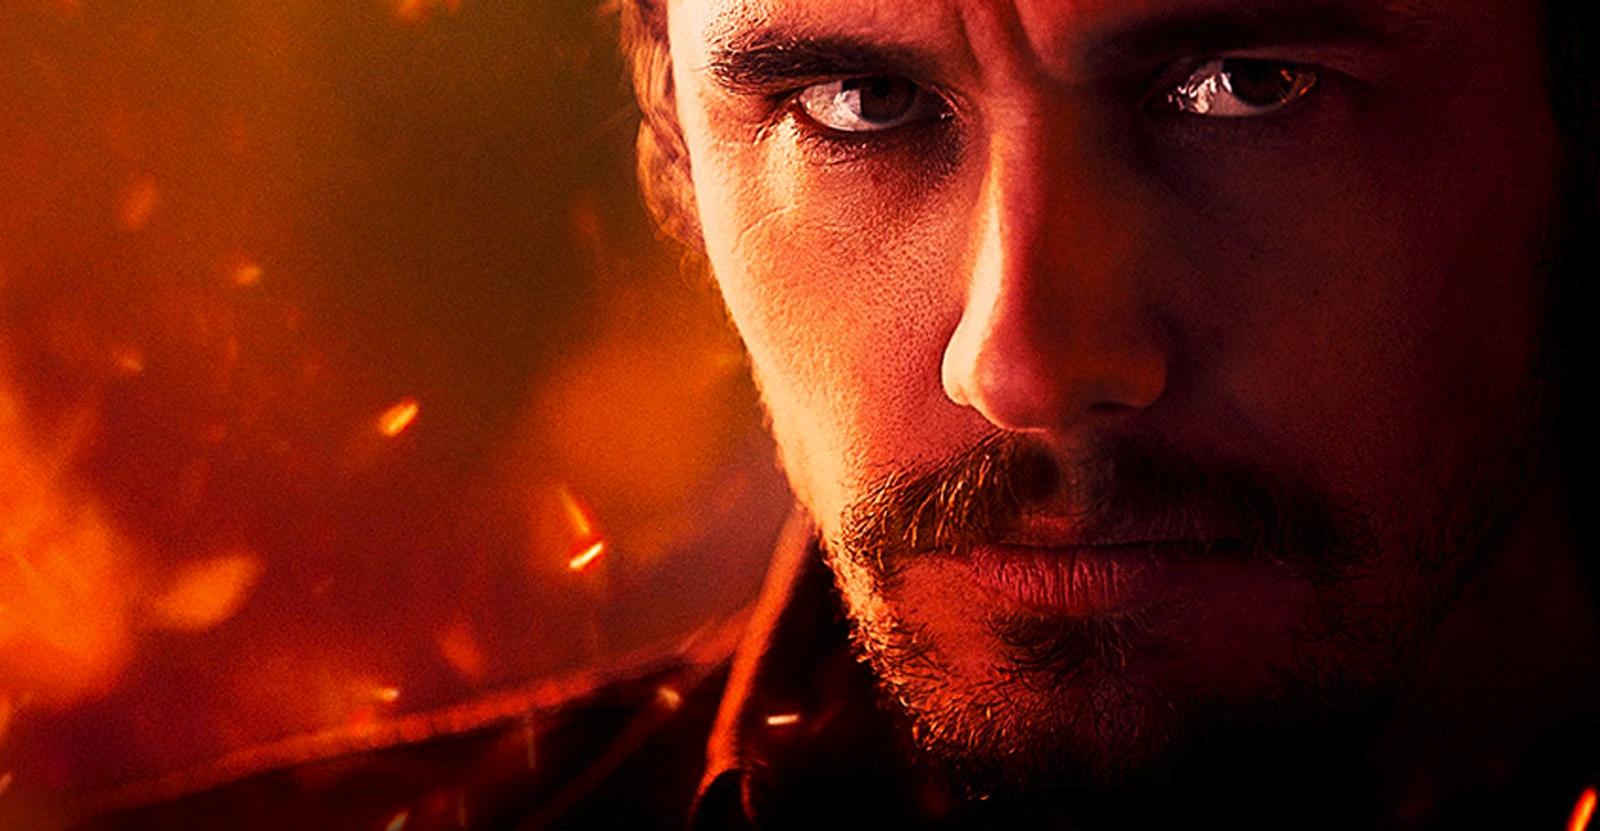 Плакат sci-fi триллера «Кин» с участием Джеймса Франко